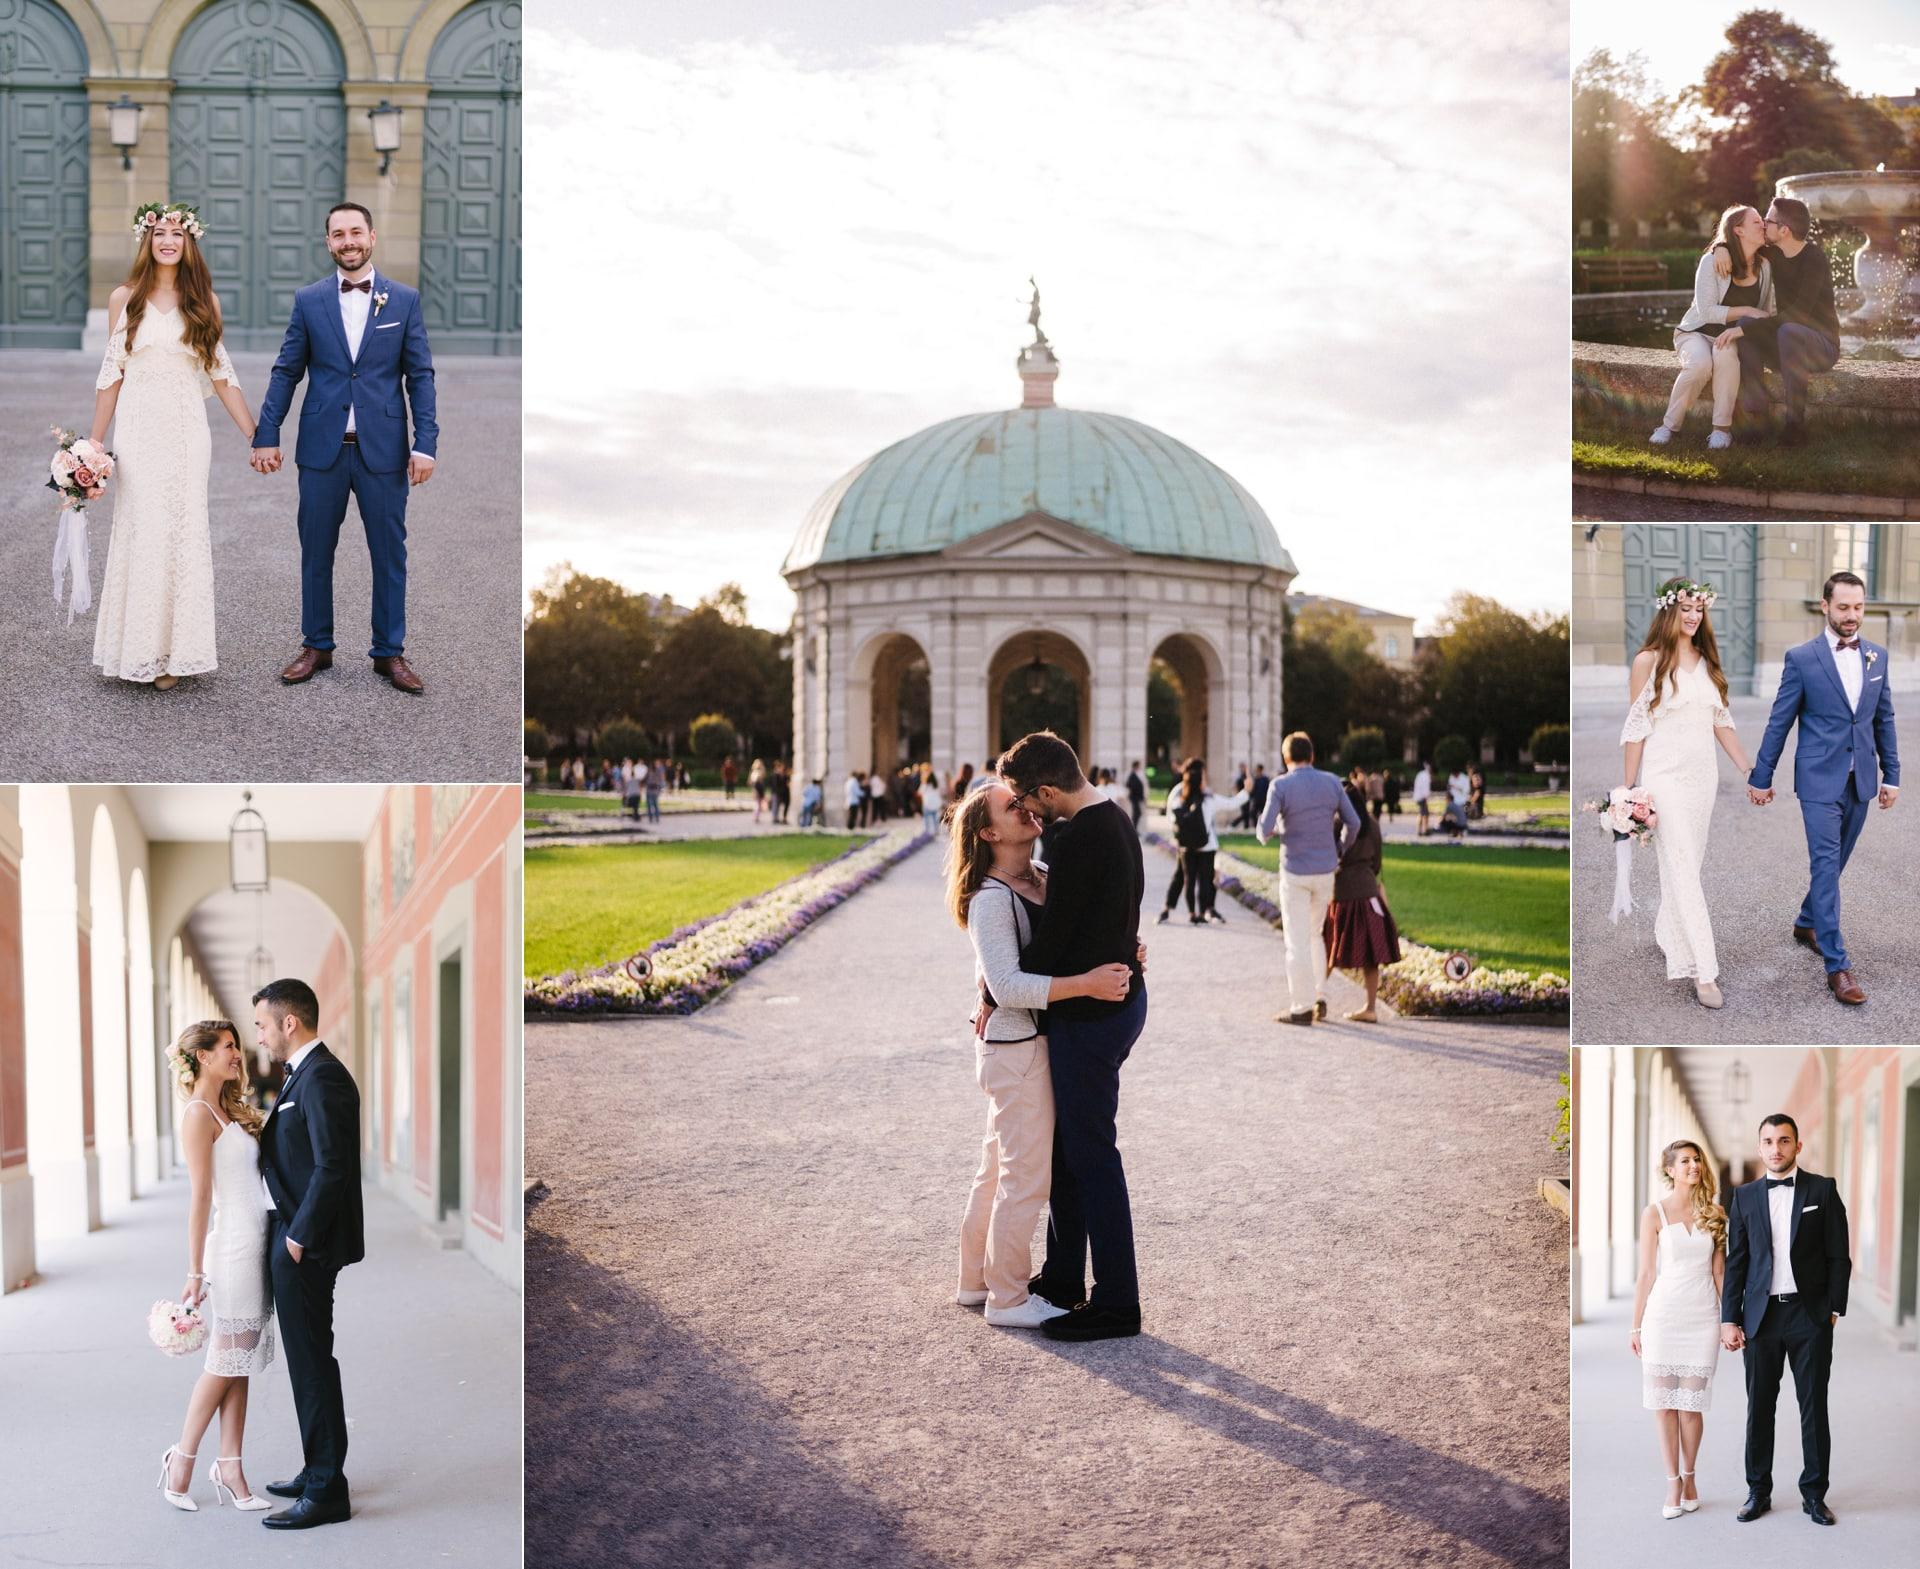 Hofgarten mit Brautpaaren. Kuss vor dem Pavillon, Paar küsst sich vor dem Brunnen im Hofgarten. Eines der besten Fotolocations für Hochzeitspaare in München.